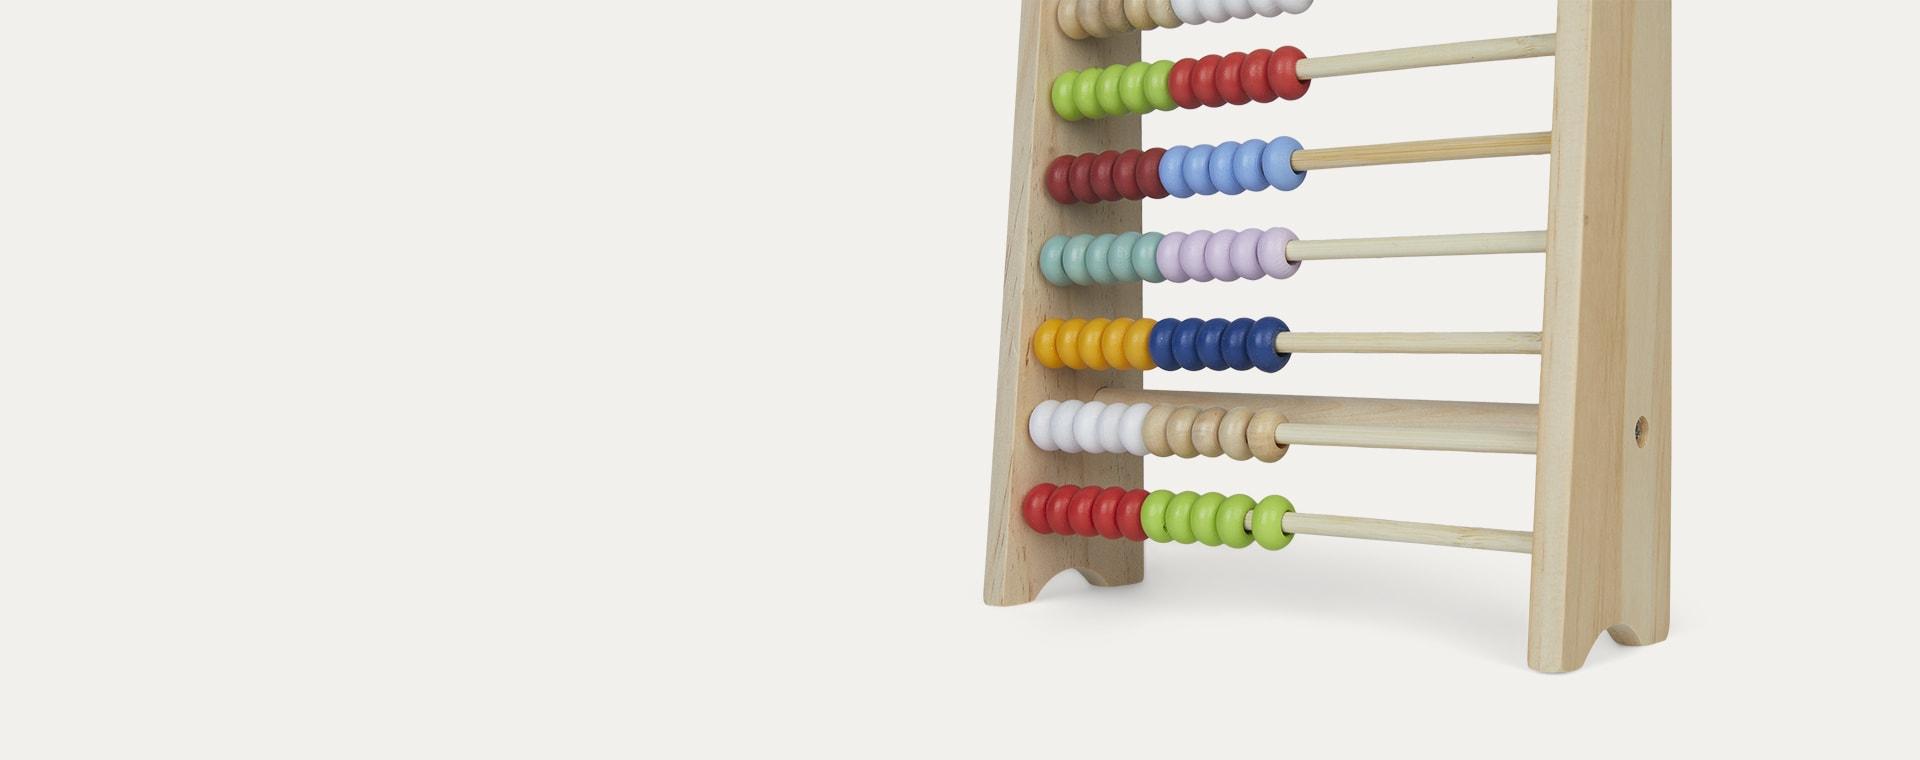 Multi Legler Toys Educate Slide Rule